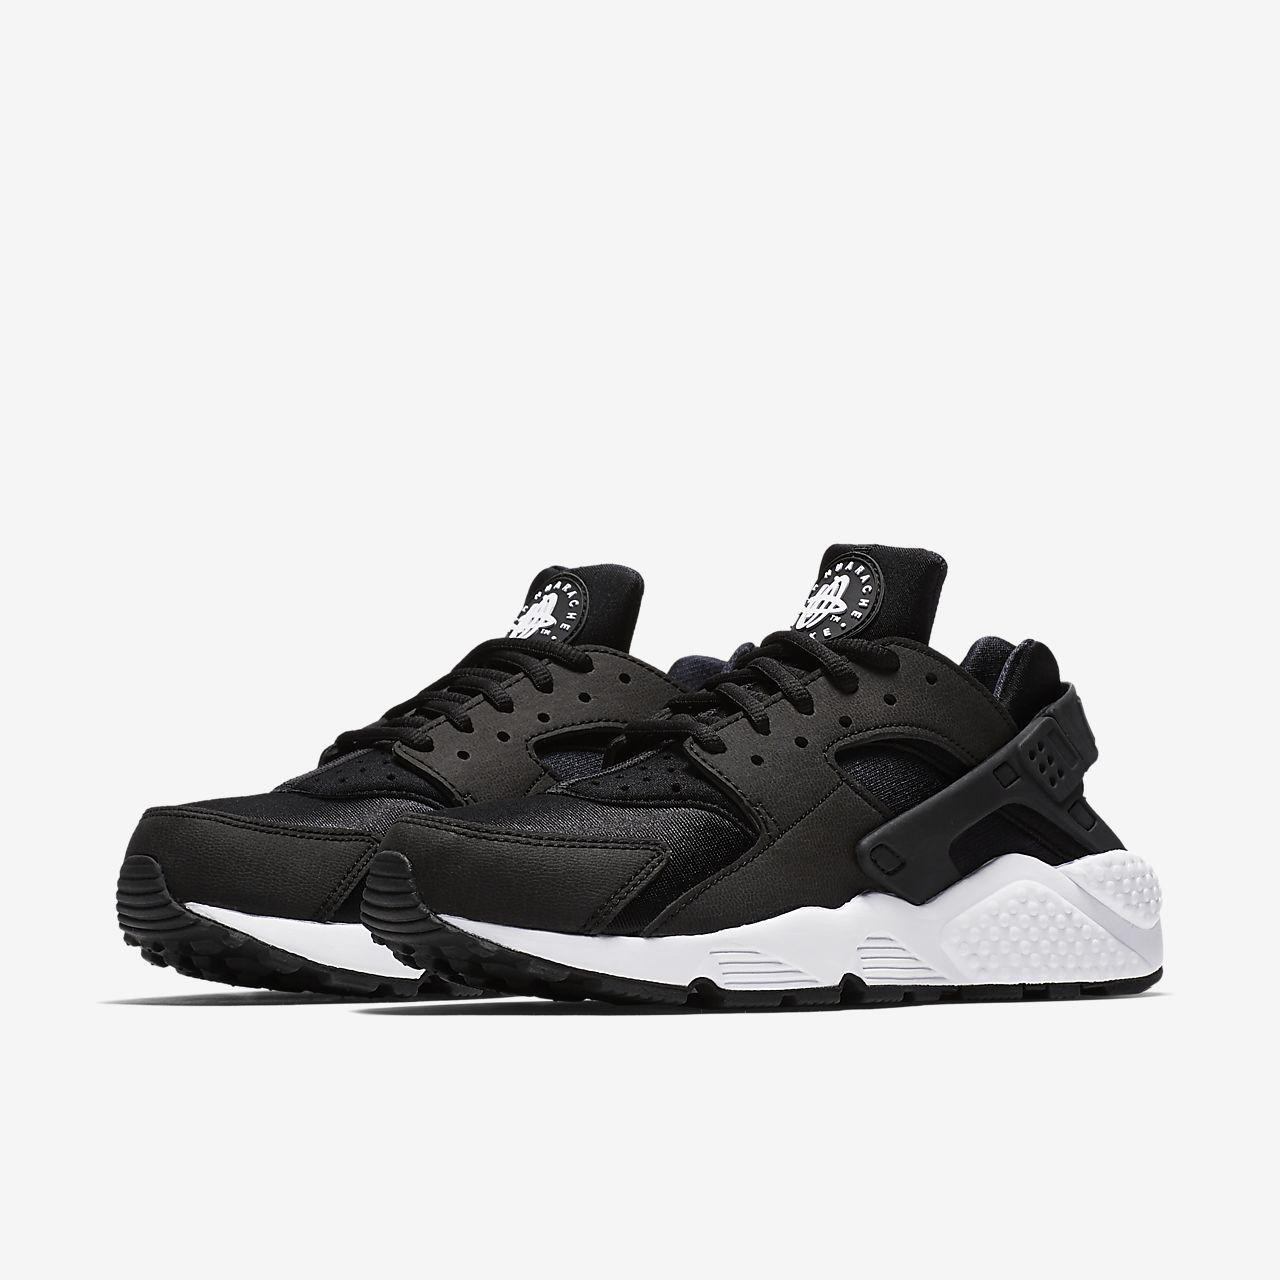 ... Nike Air Huarache Women's Shoe